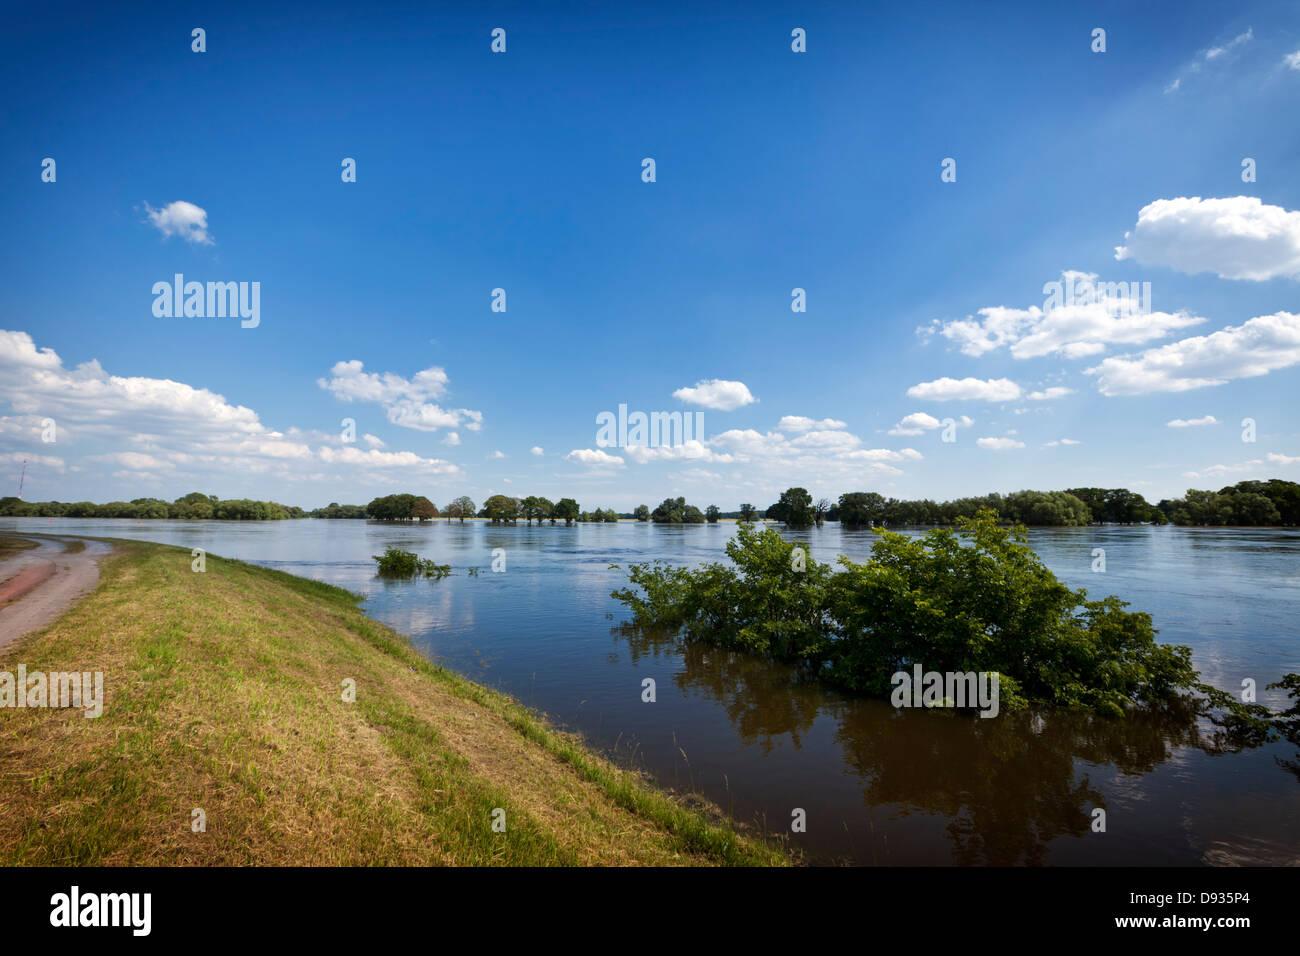 La marée haute de l'Elbe, arbres immergés près de Wootz, Brandebourg Photo Stock